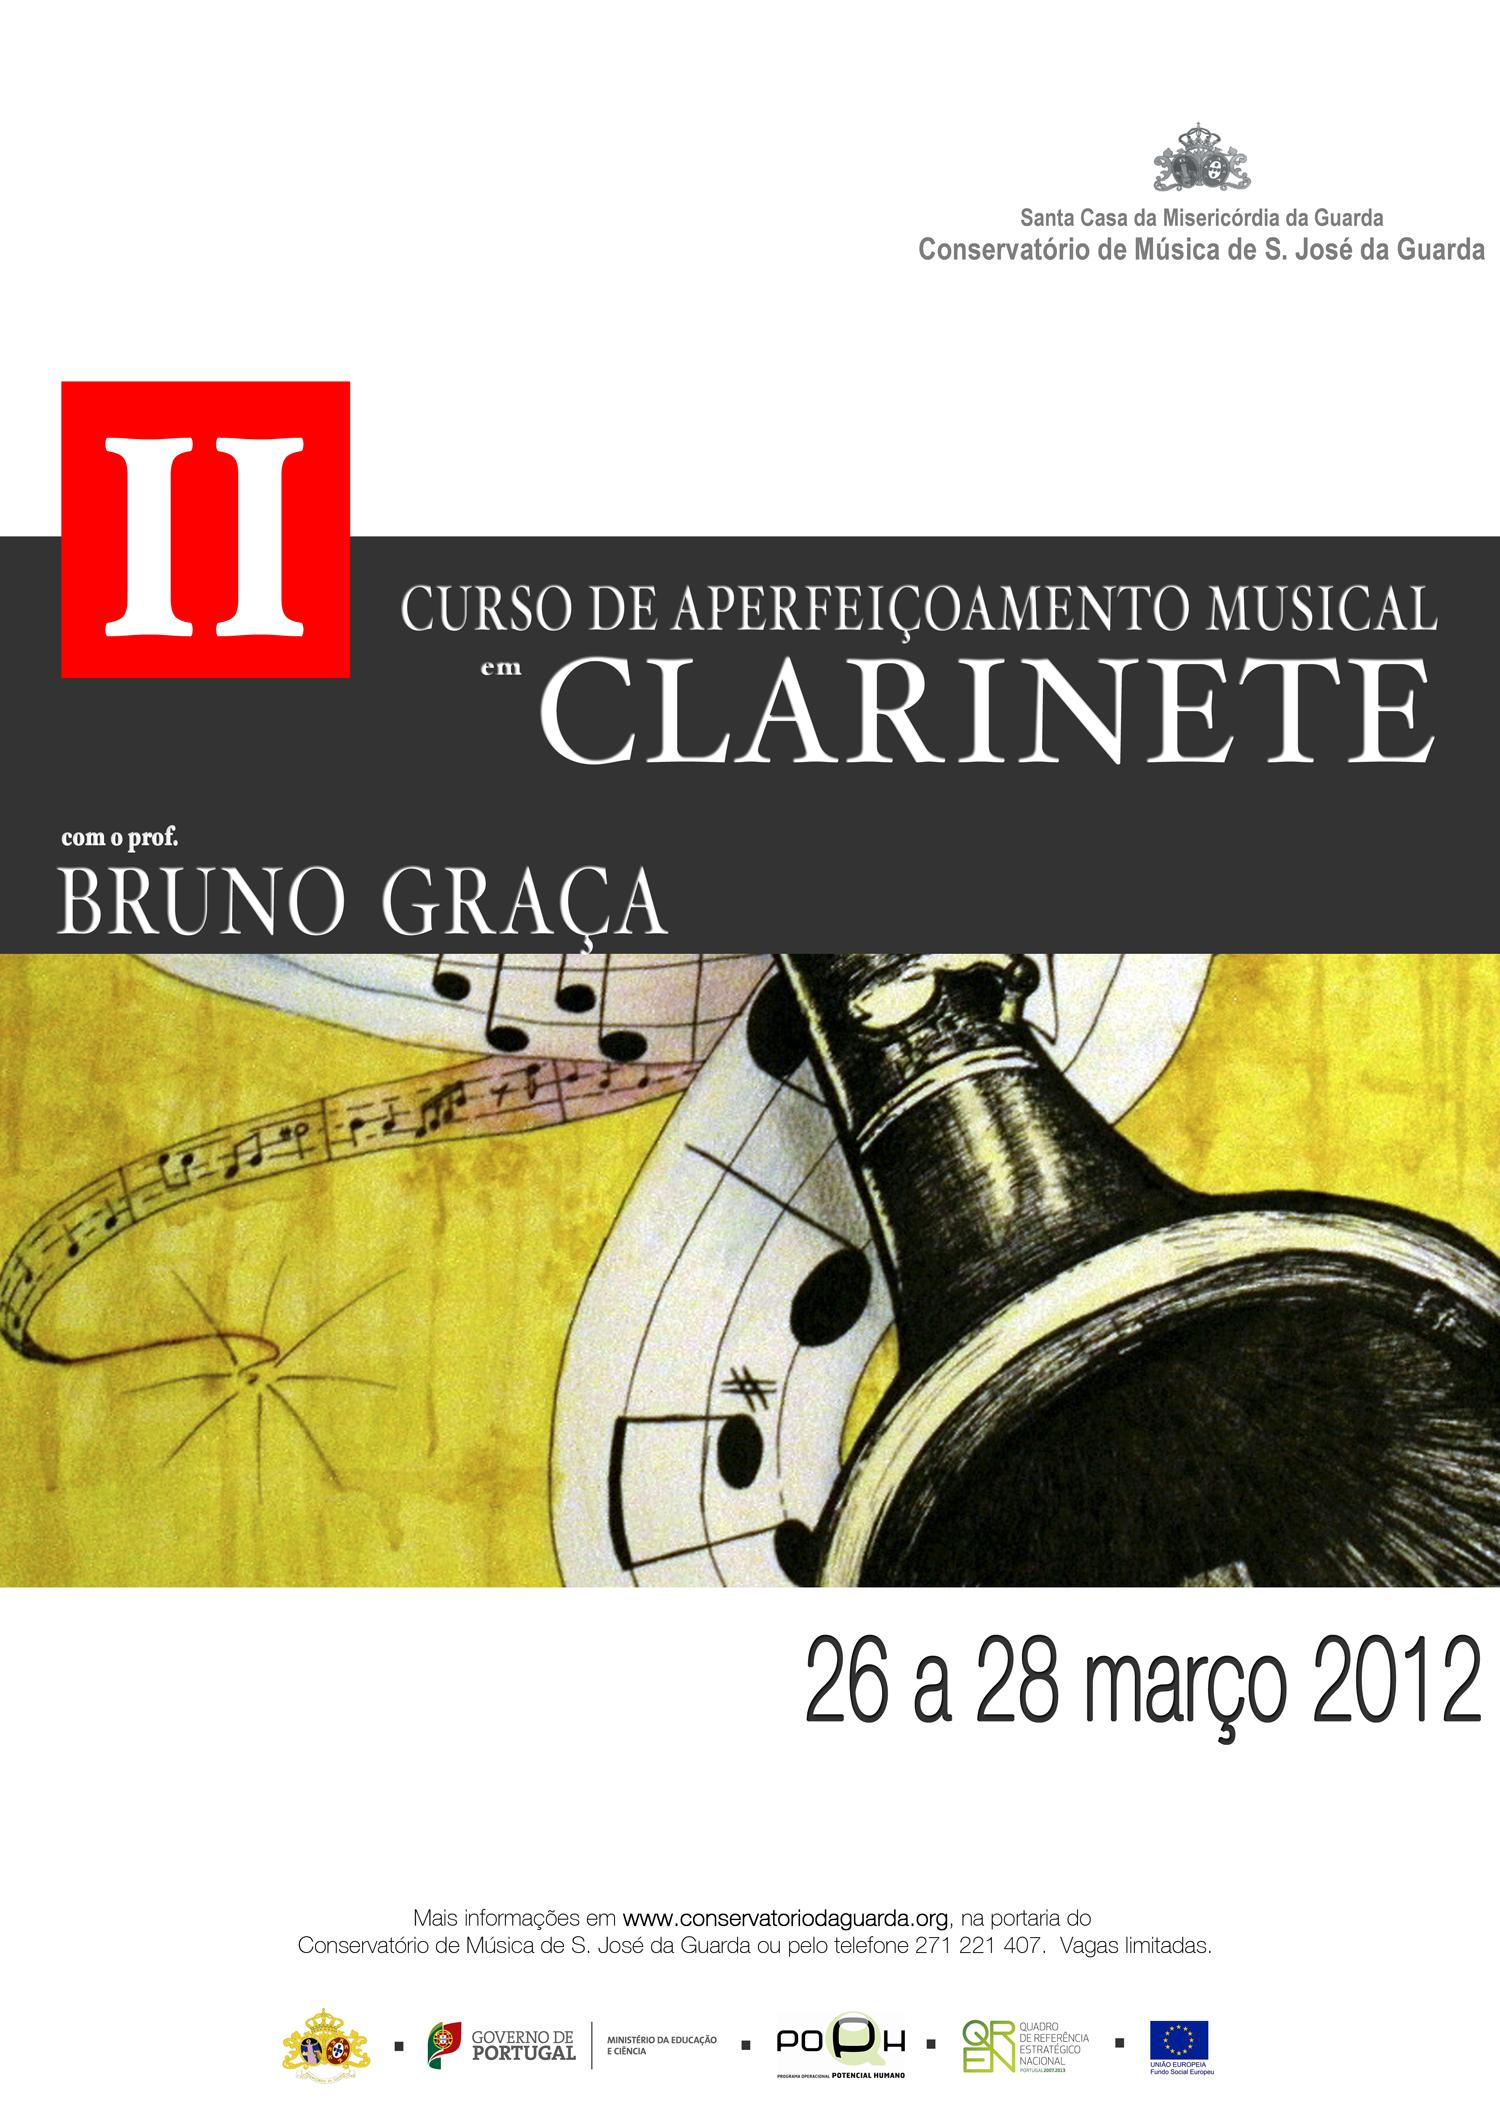 Curso de Aperfeiçoamento Musical em Clarinete com o prof. Bruno Graça